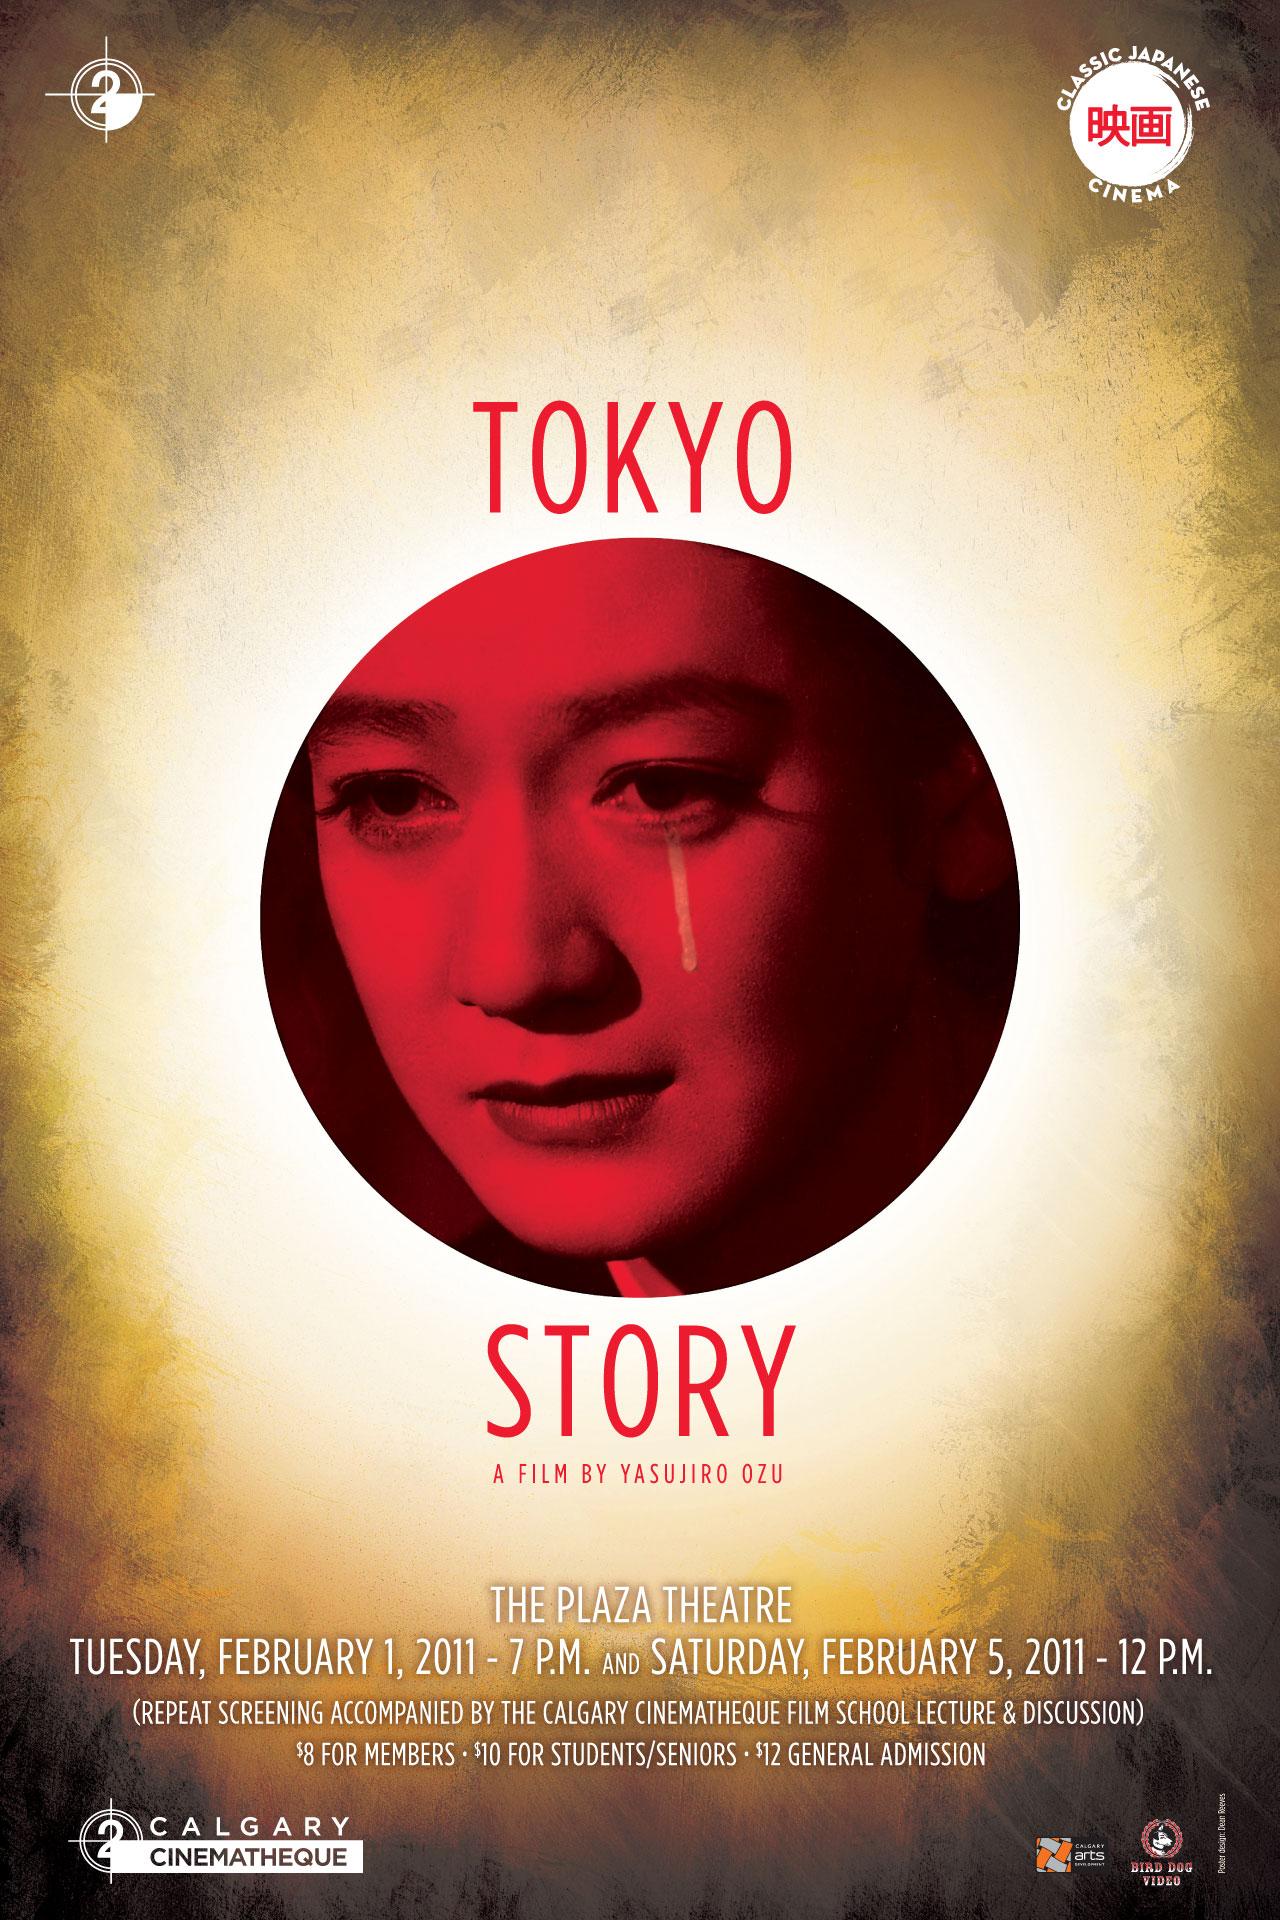 tokyostory.jpg